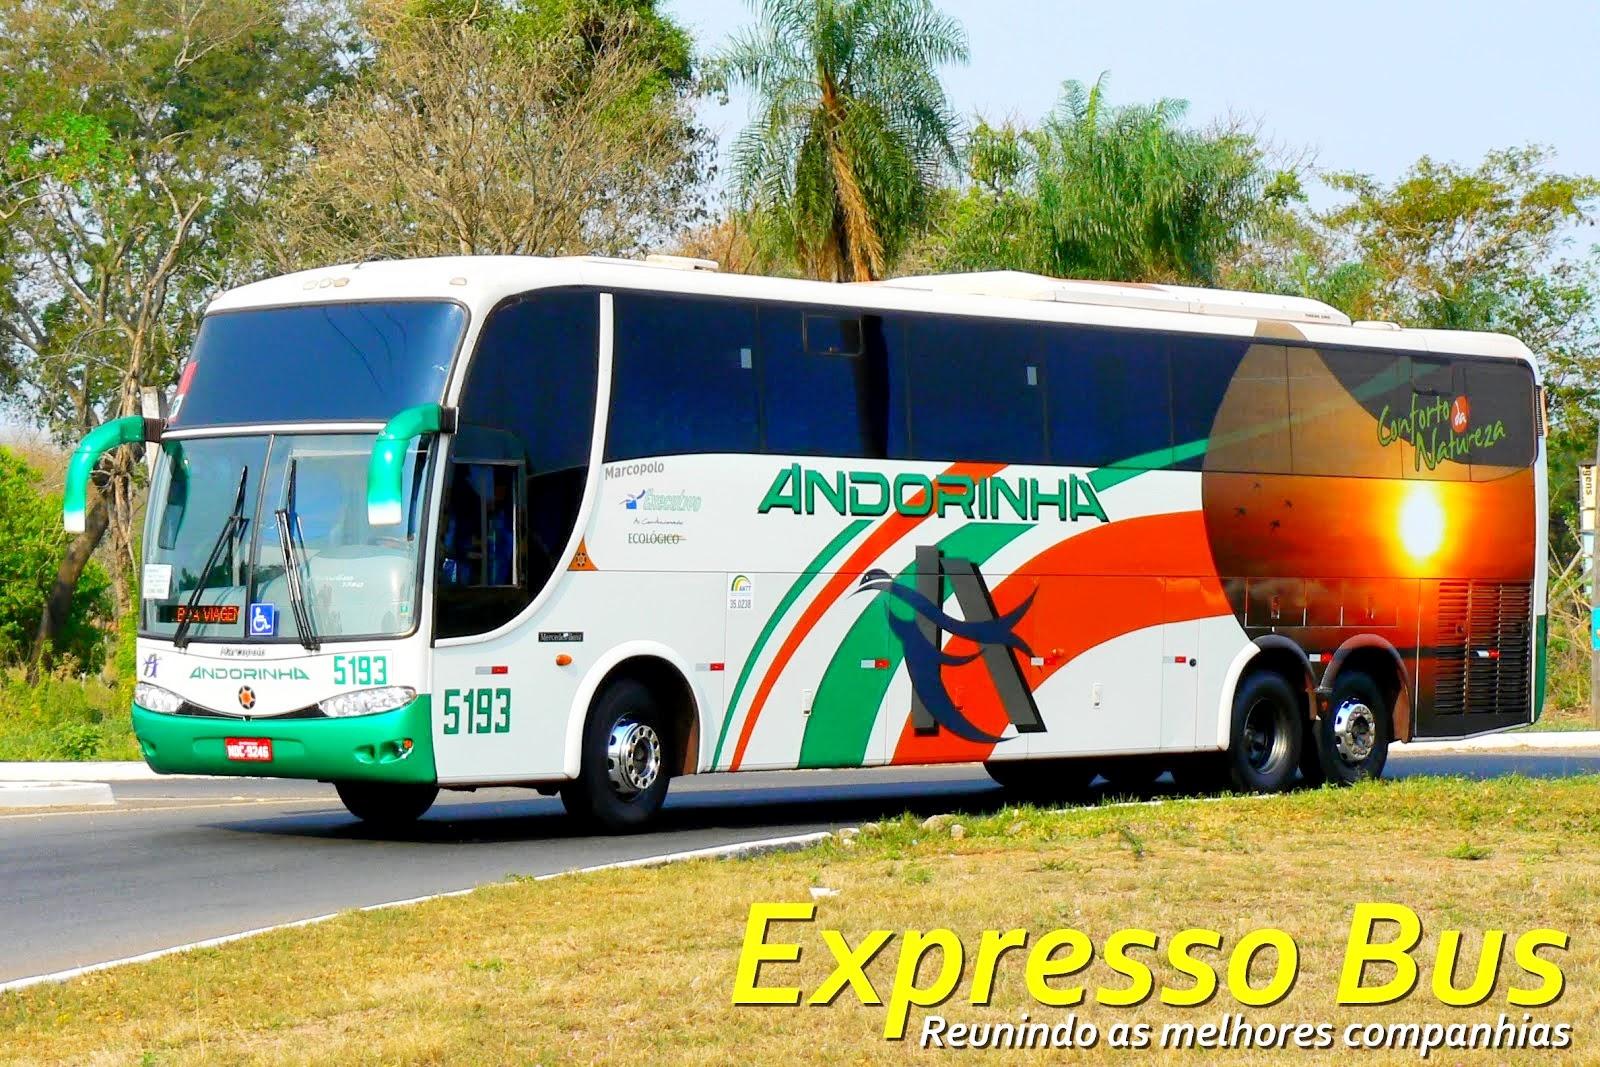 Expresso Bus